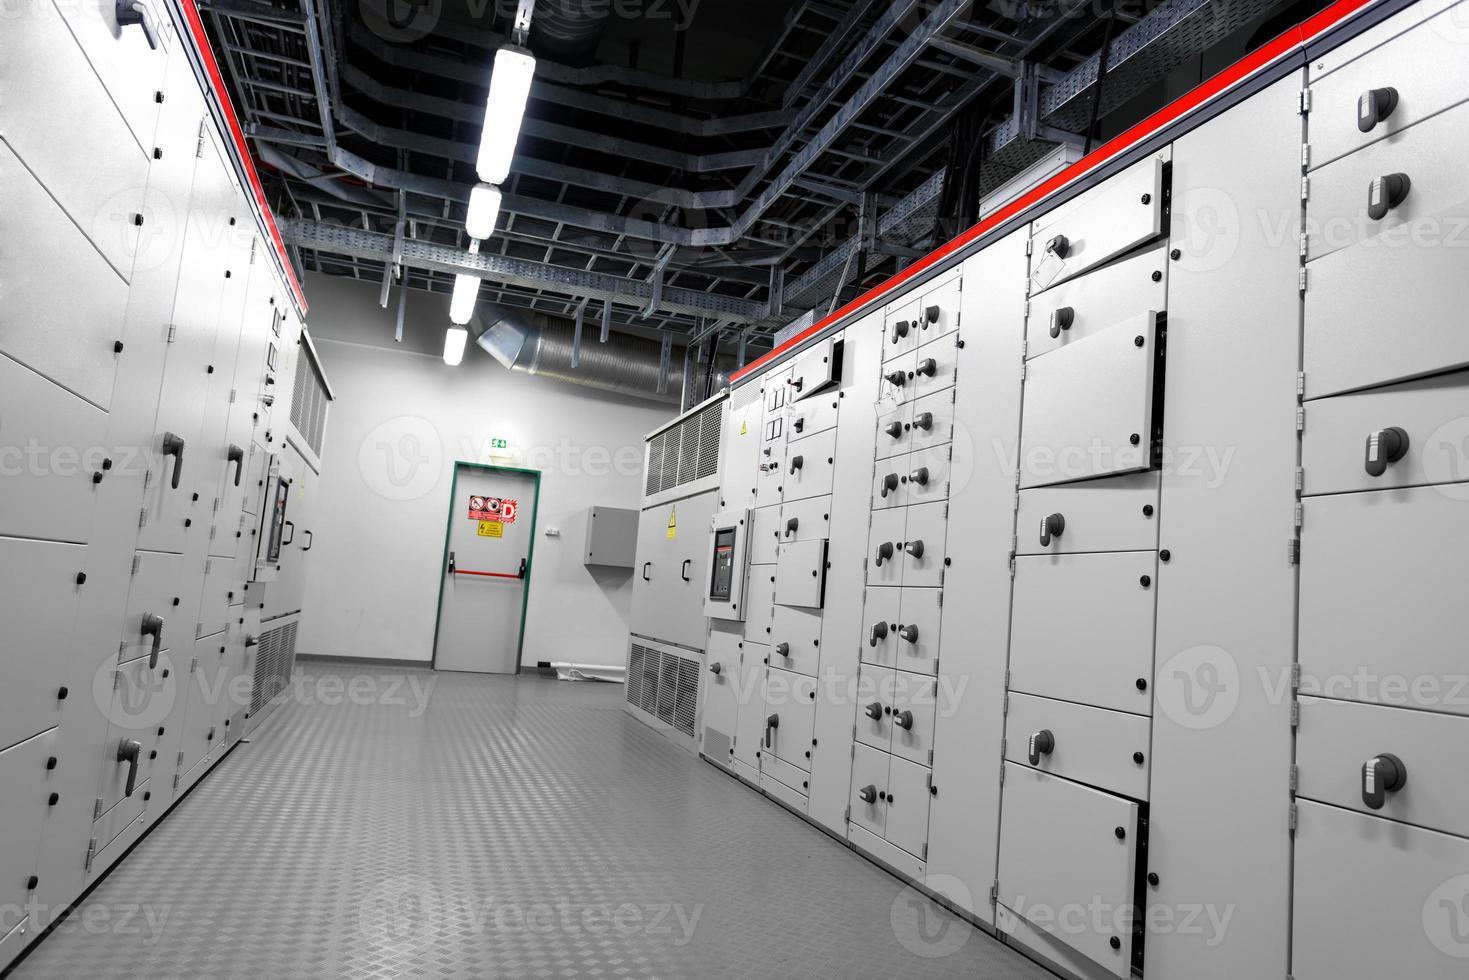 controlekamer van een elektriciteitscentrale foto